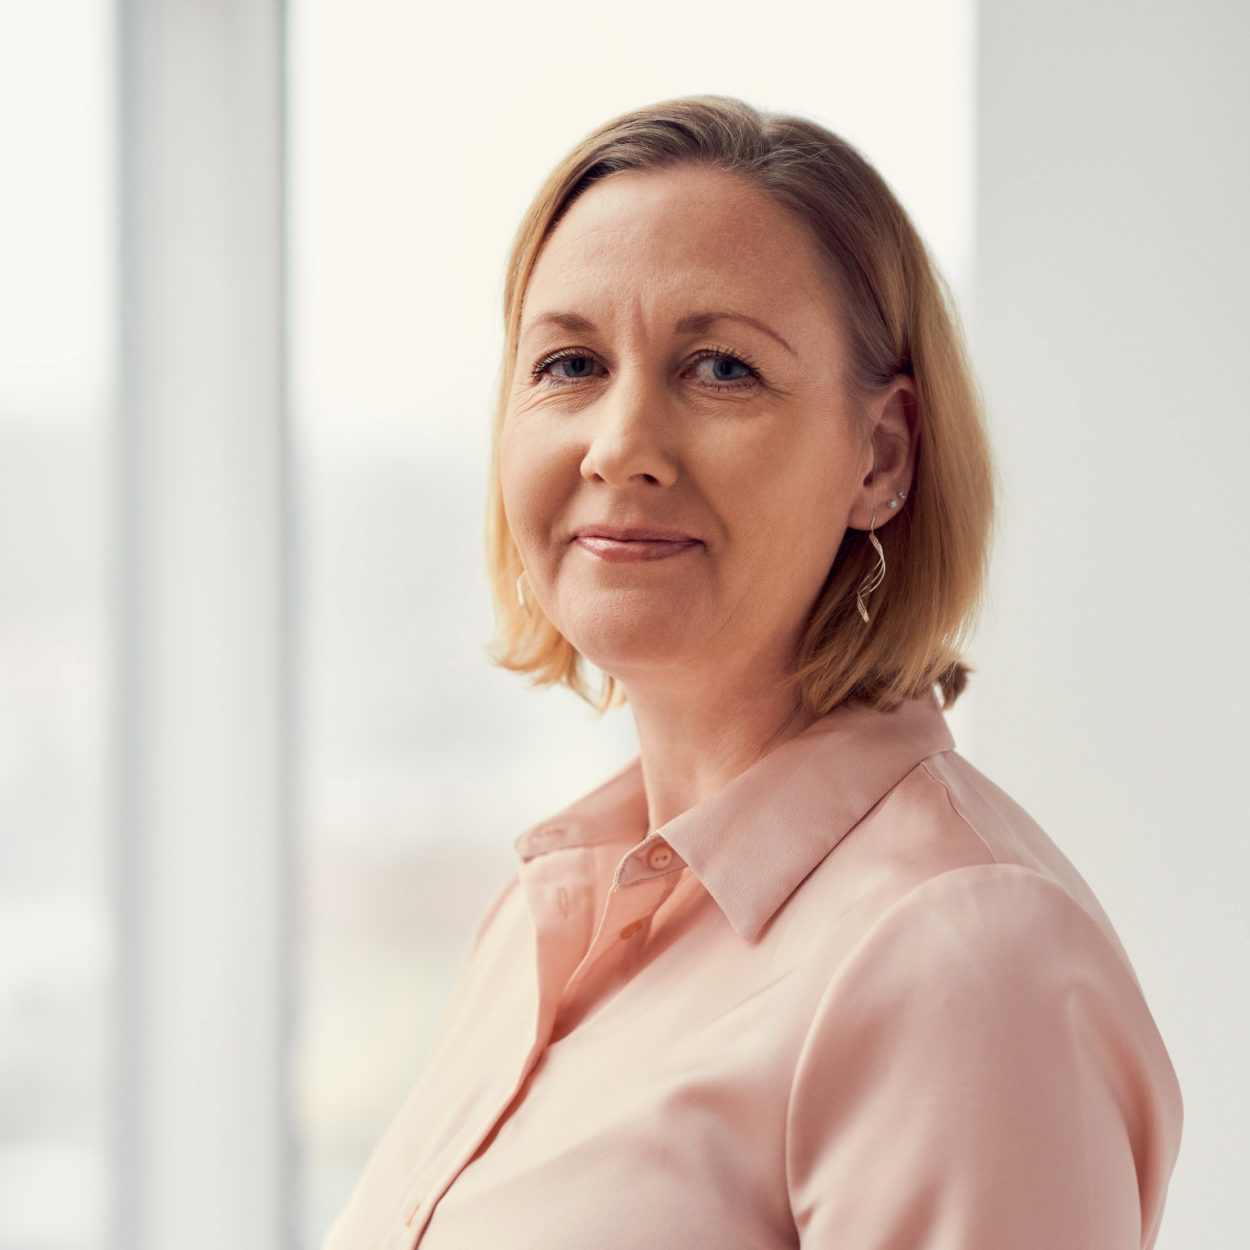 Bergendahls el Ann Veerman